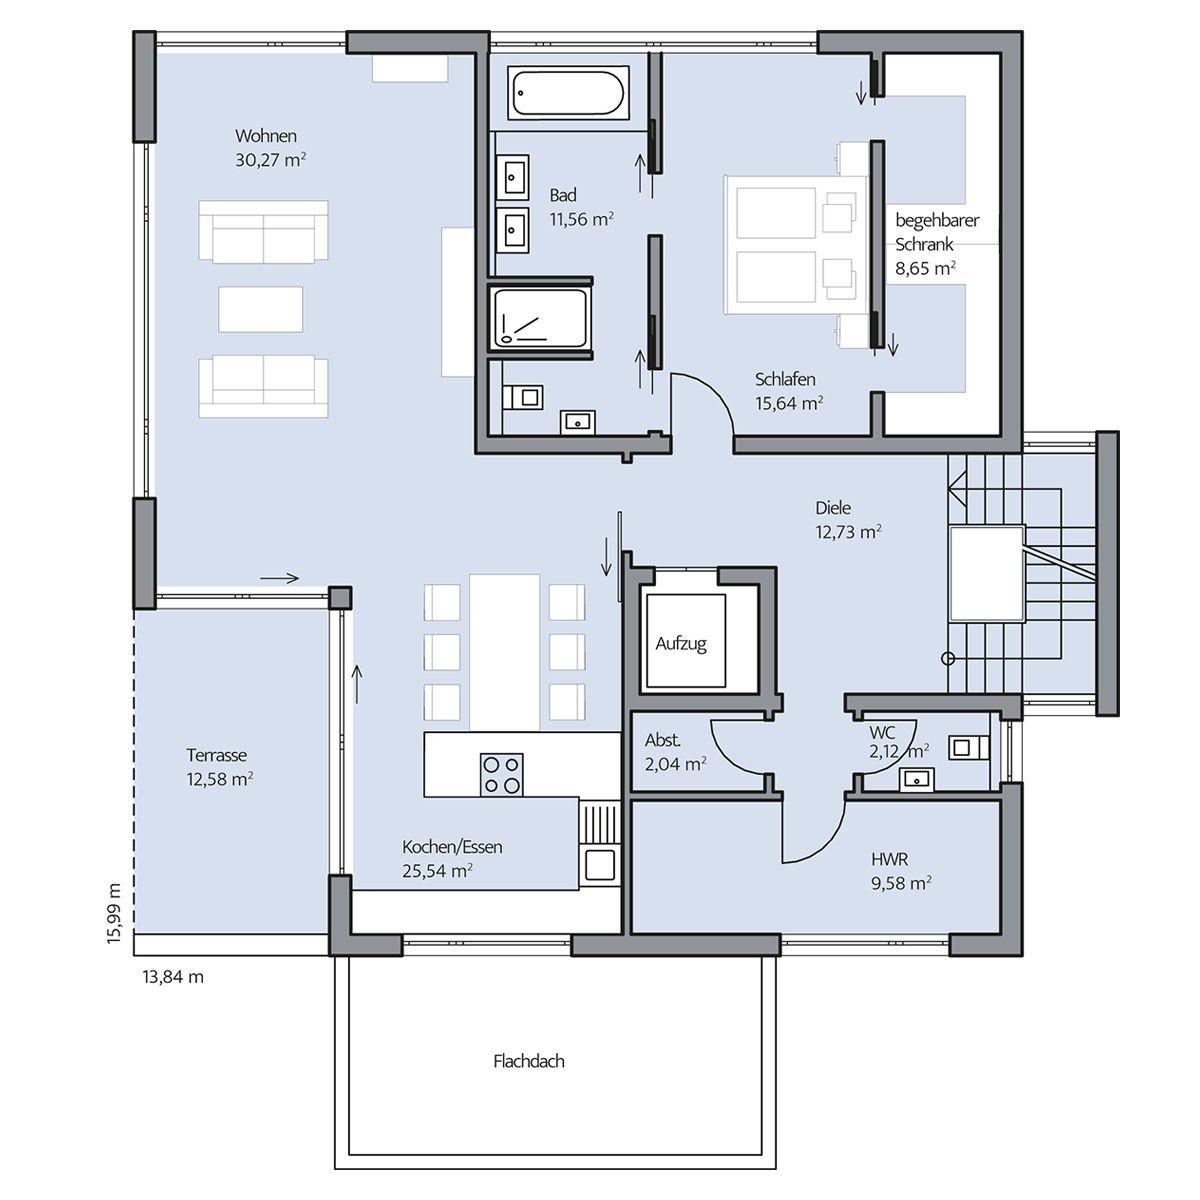 haus collmann erdgeschoss feel at home pinterest erdgeschoss grundrisse und baumeister haus. Black Bedroom Furniture Sets. Home Design Ideas